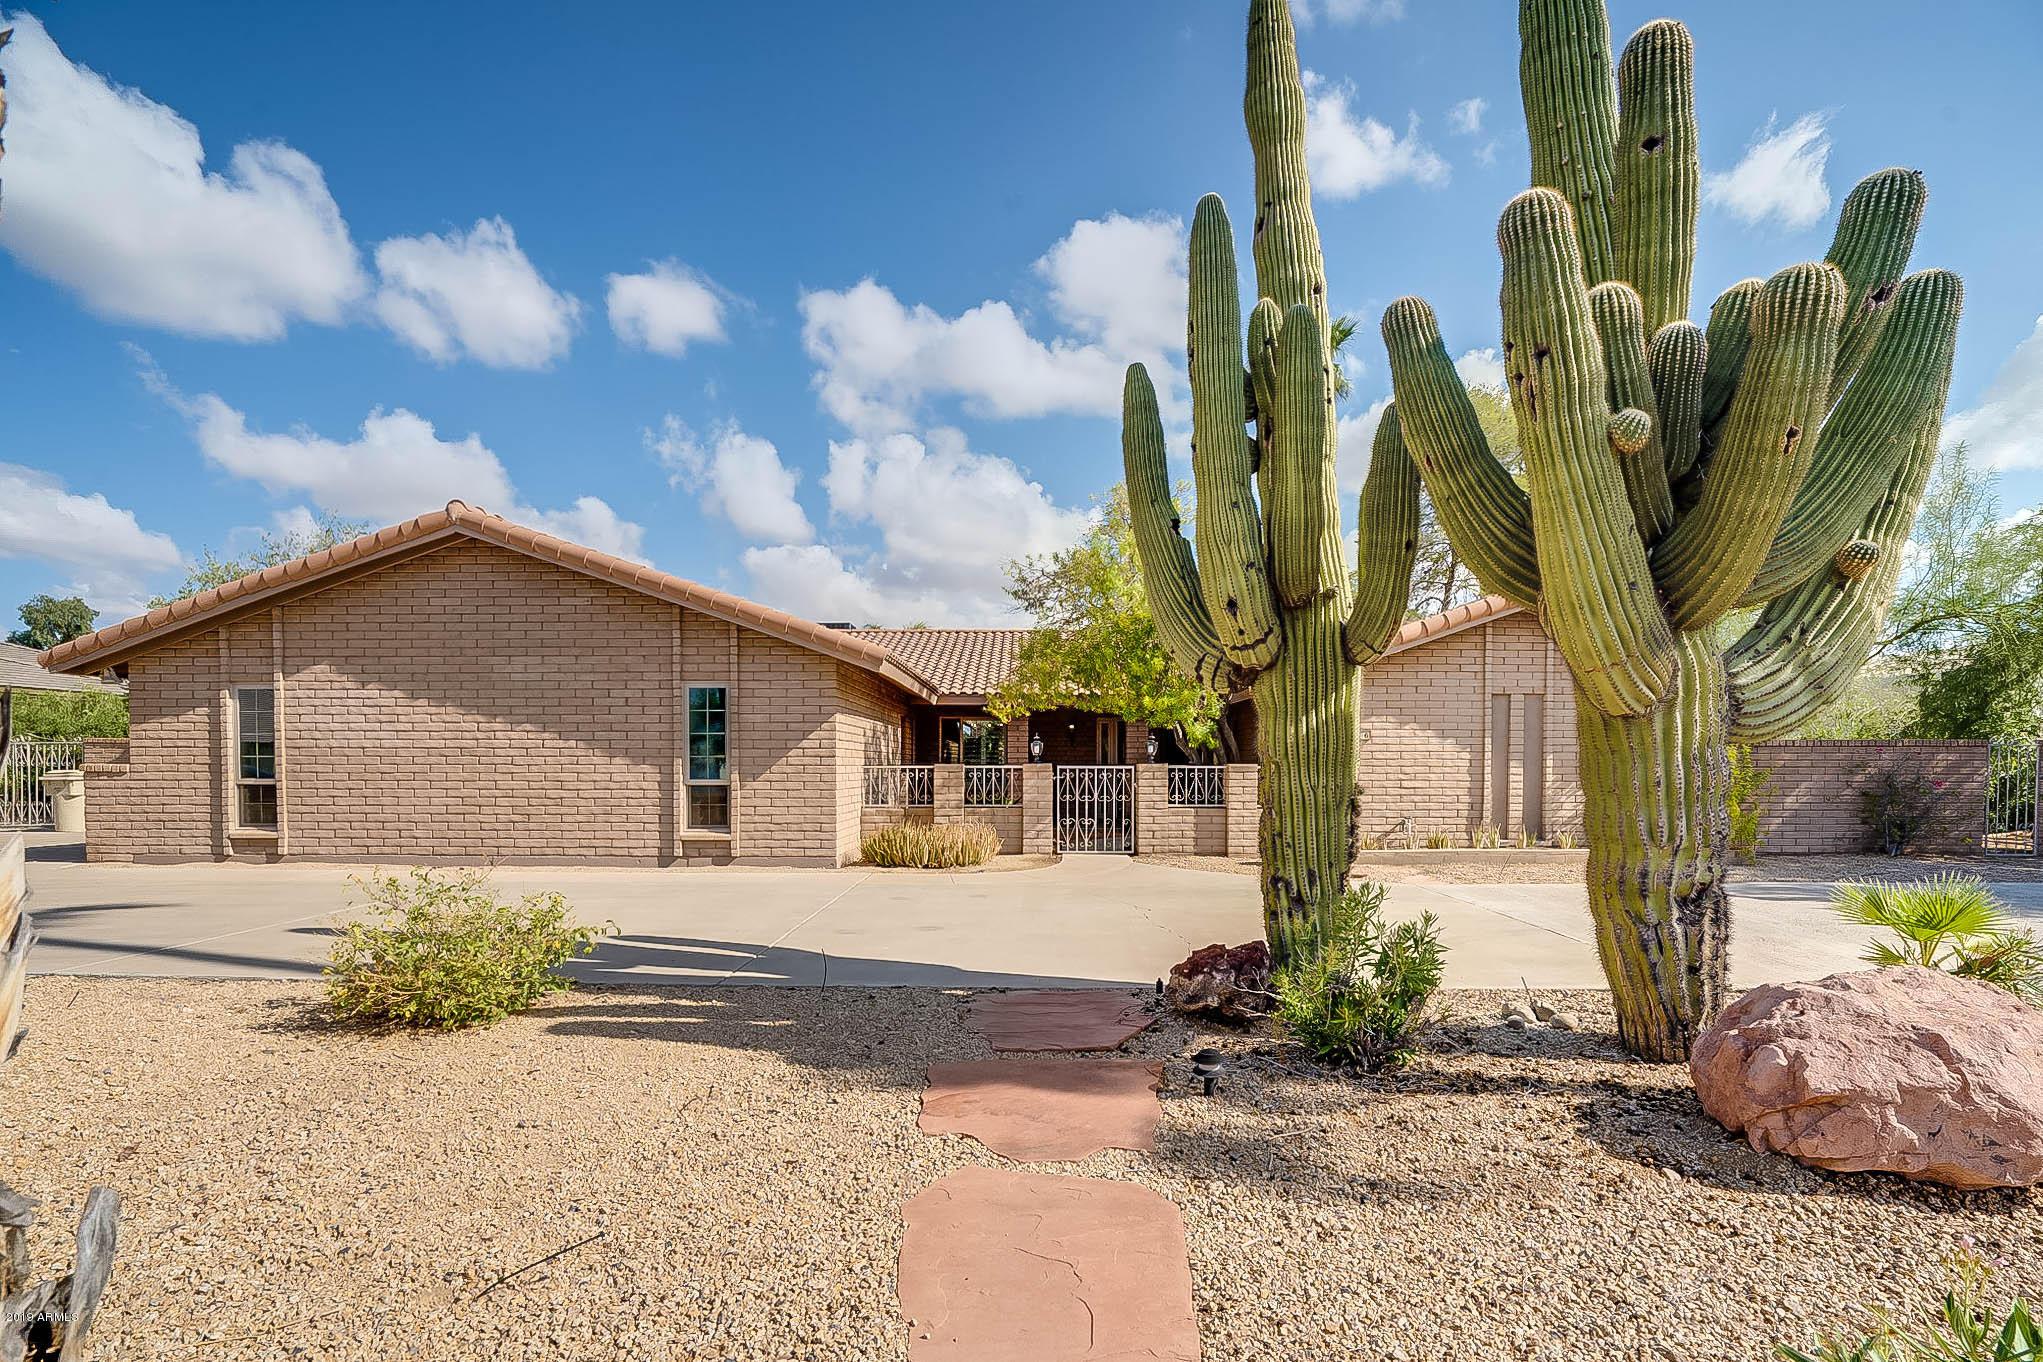 Photo of 7316 W VILLA RITA Drive, Glendale, AZ 85308